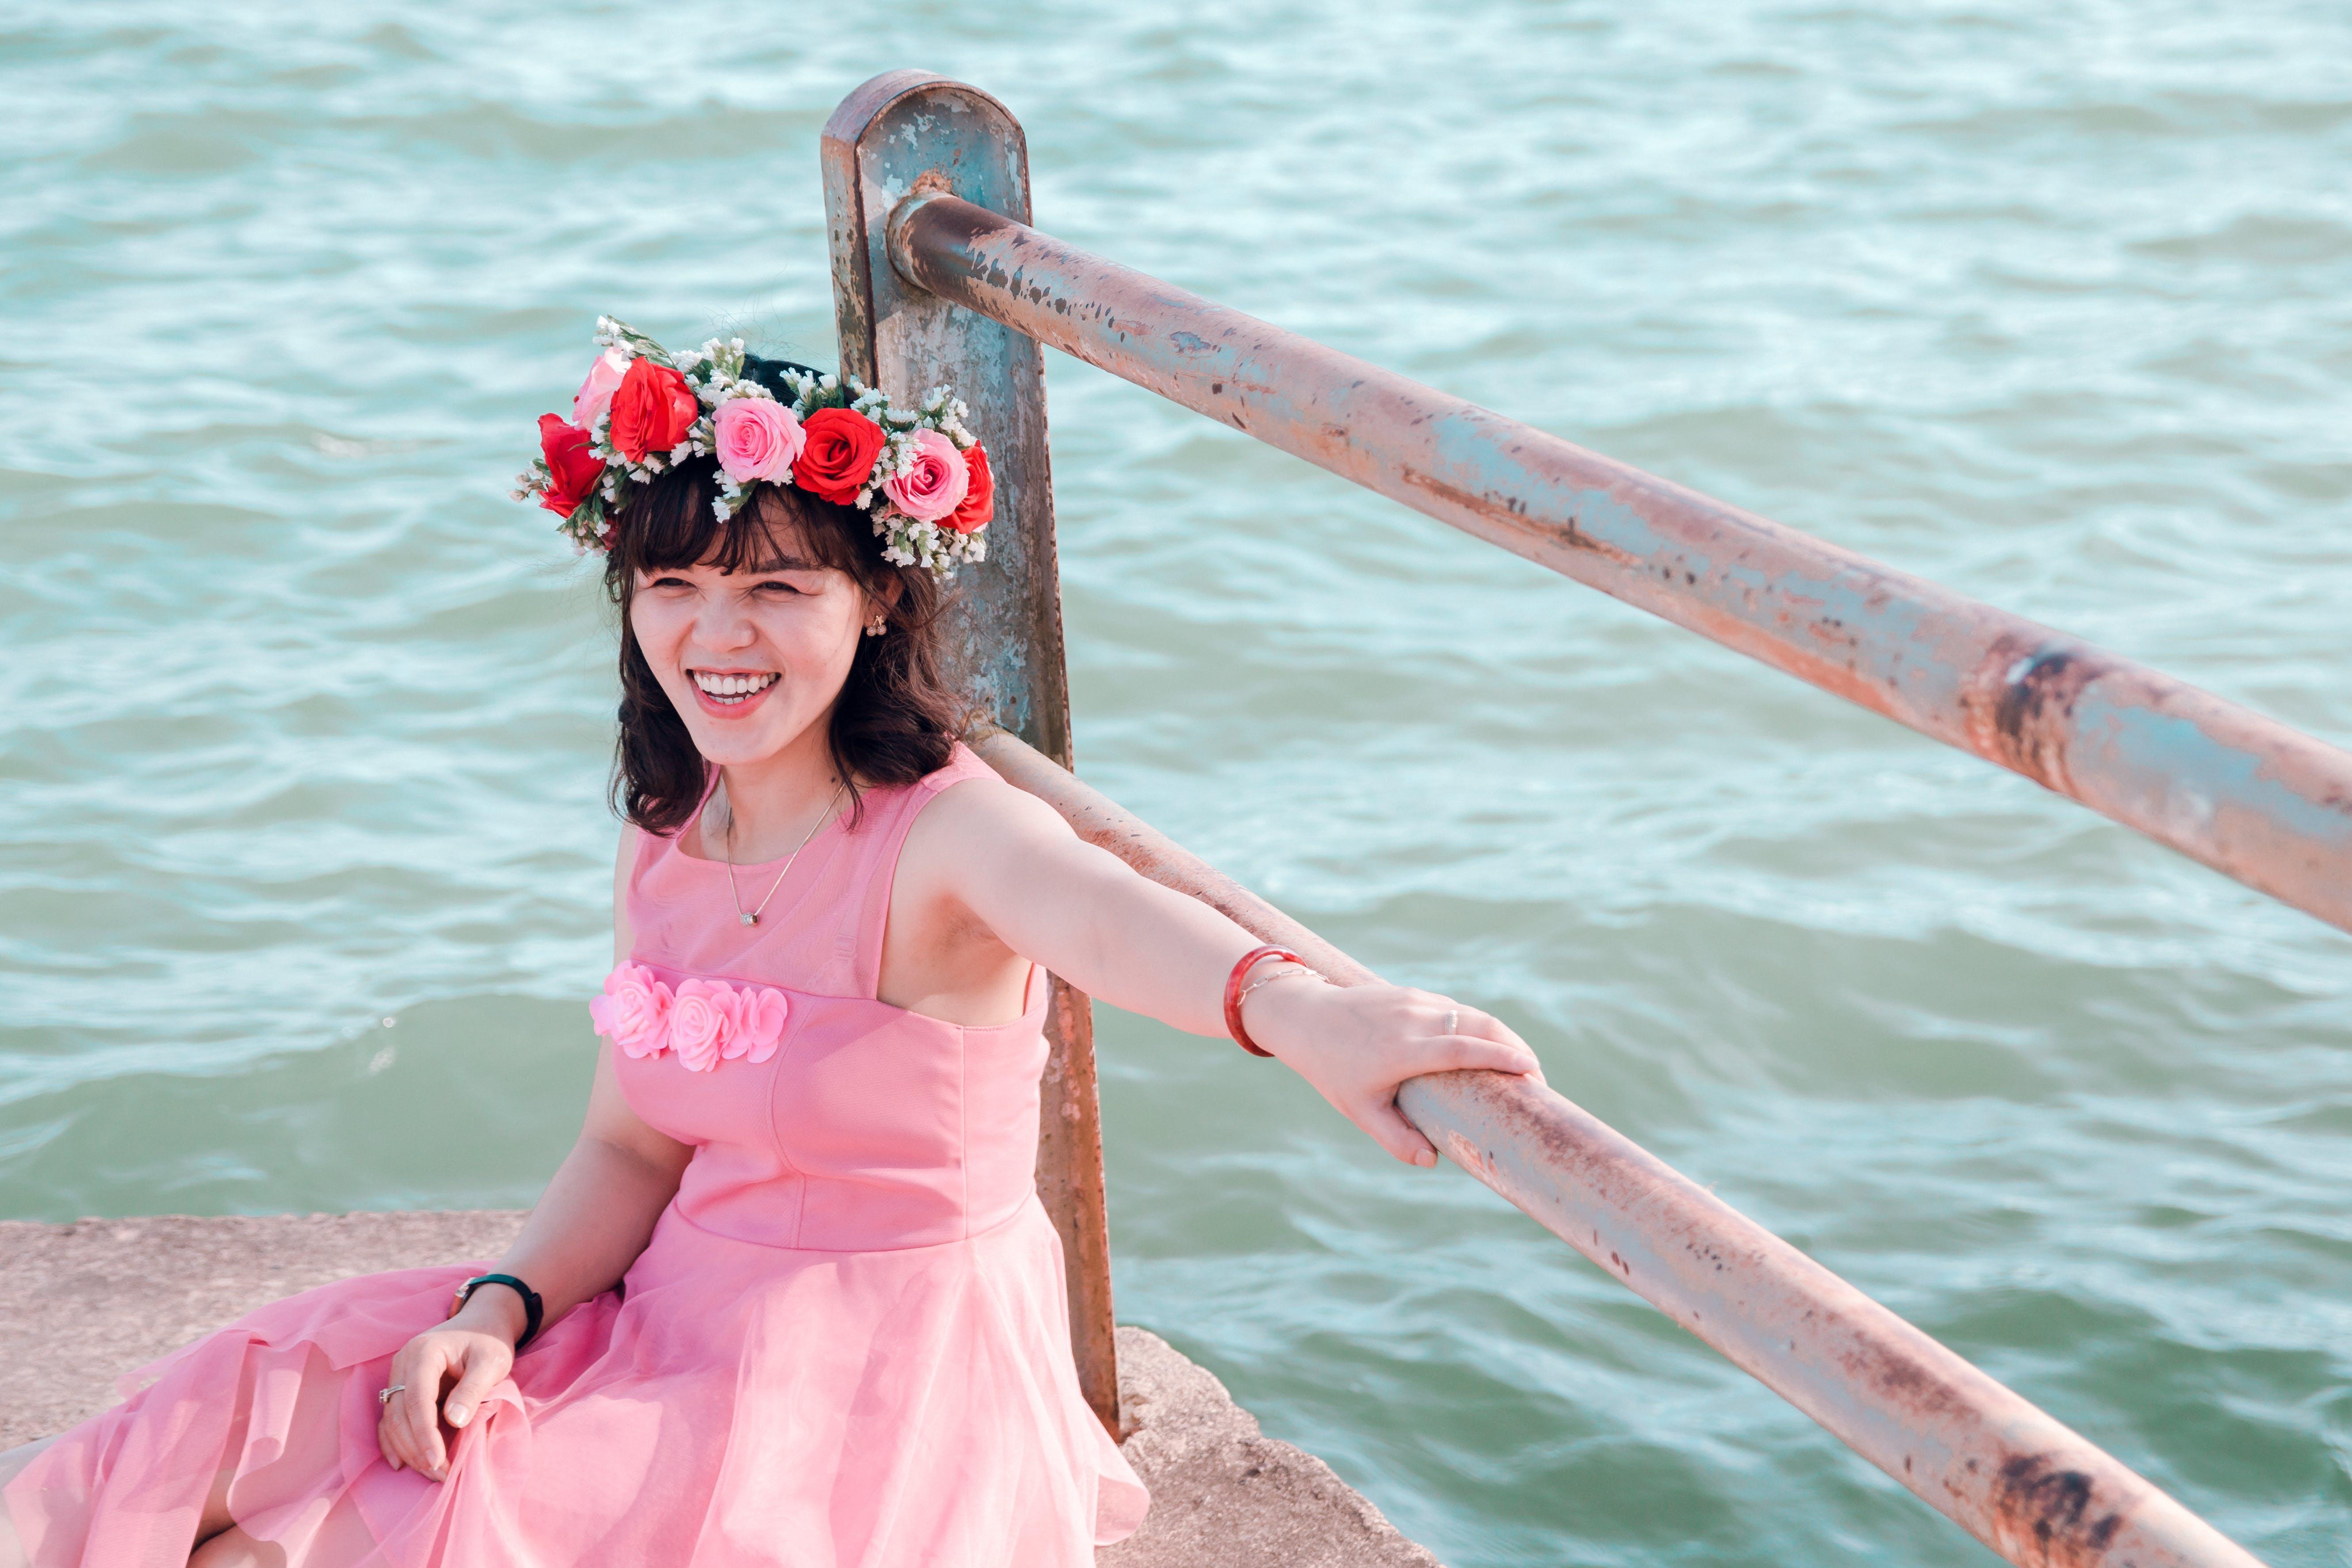 가운, 꽃, 난간, 드레스의 무료 스톡 사진